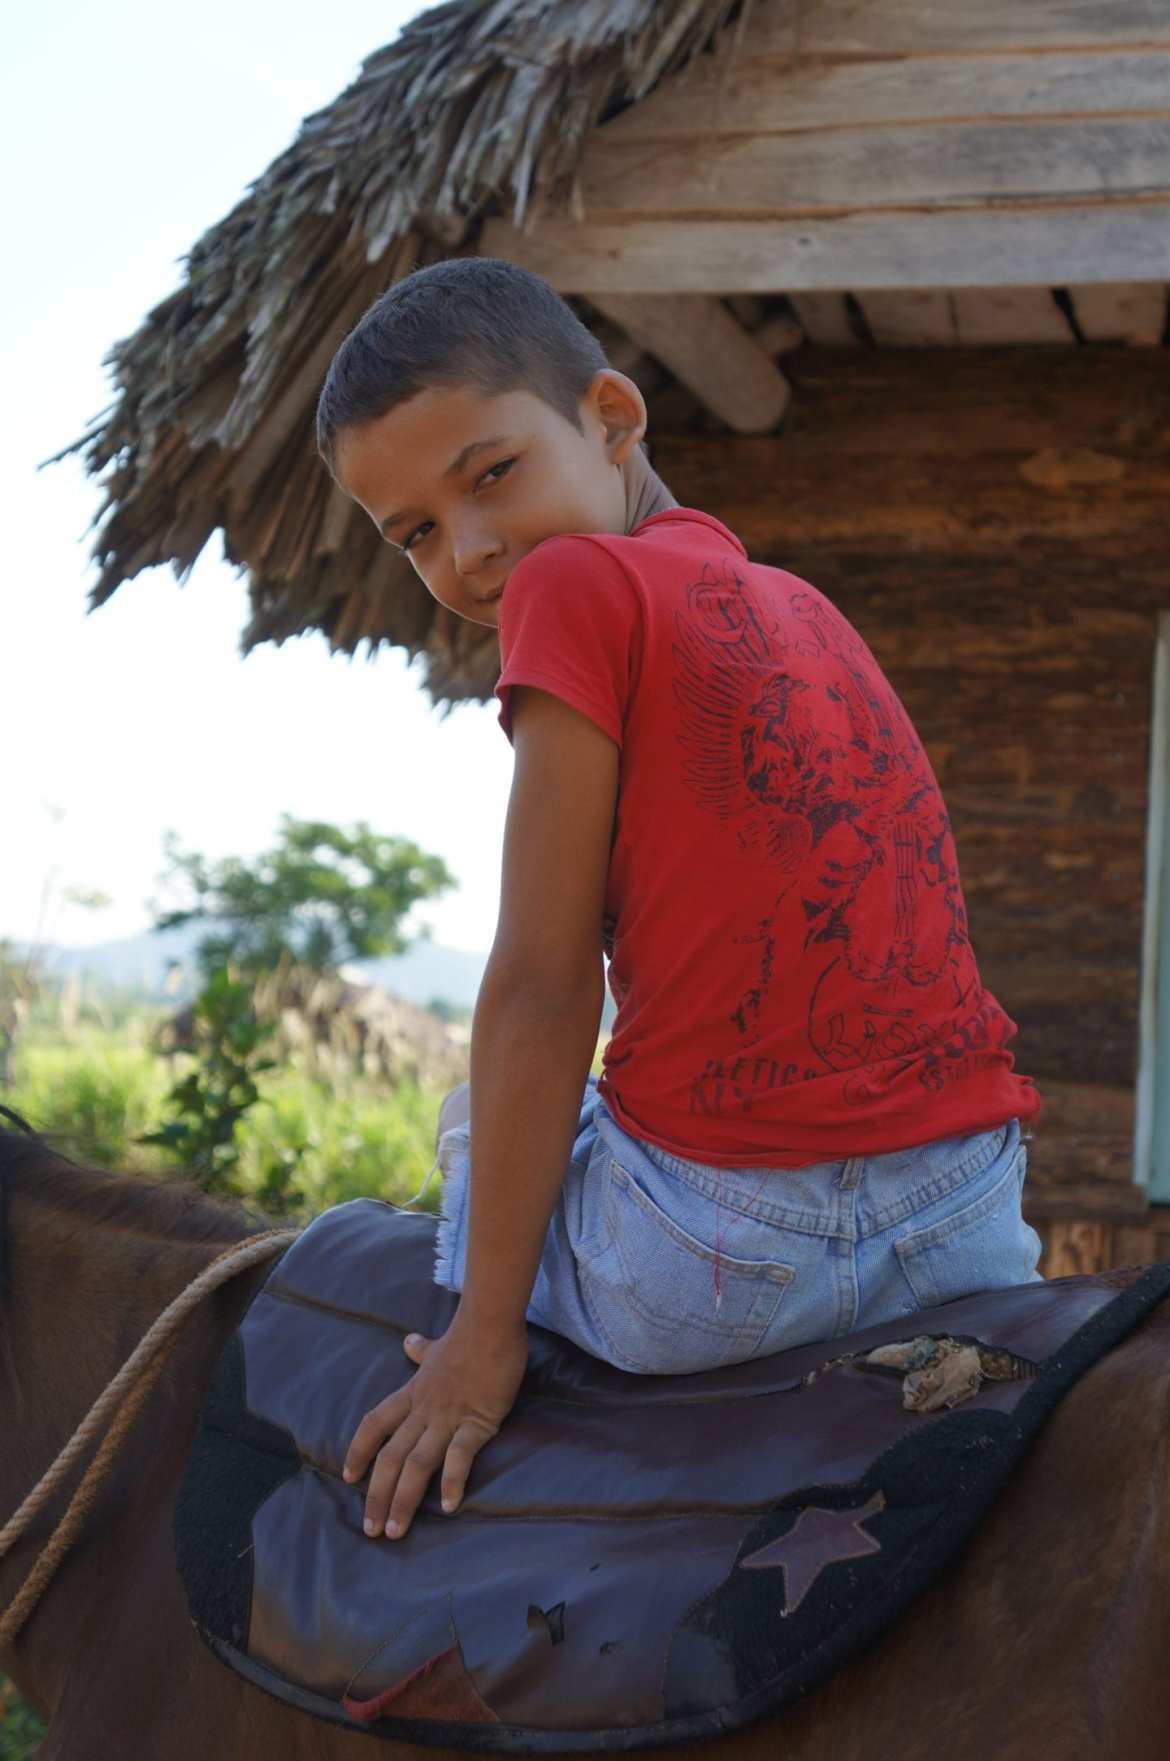 a boy on horseback in vinales